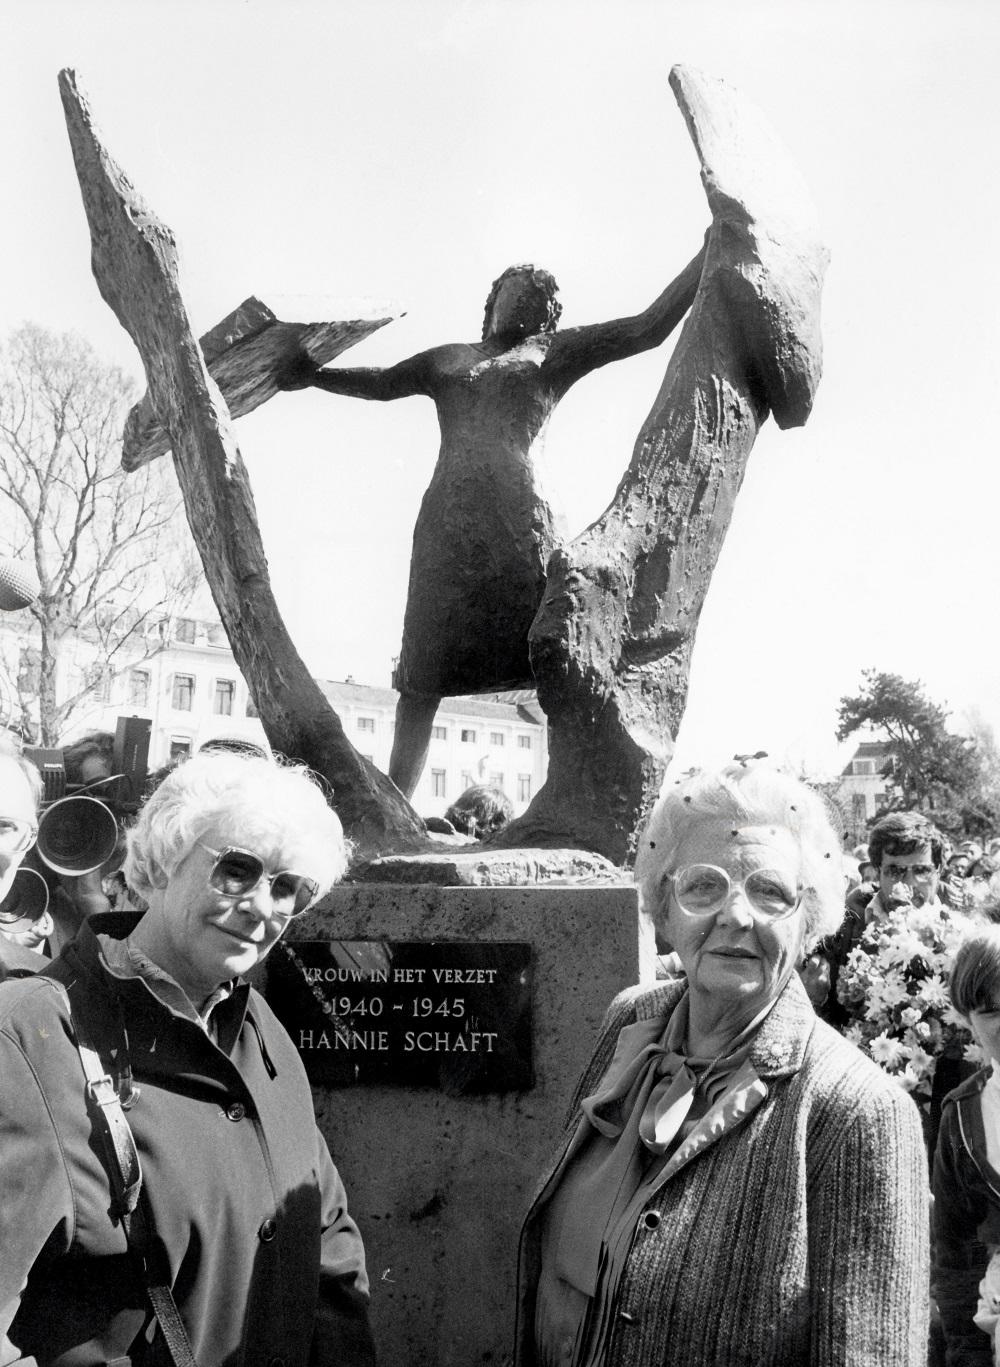 onthulling van het Beeld van Hannie Schaft op 3 mei 1982. Op de foto links Truus Menger OVersteegen, rechts prinses Juliana